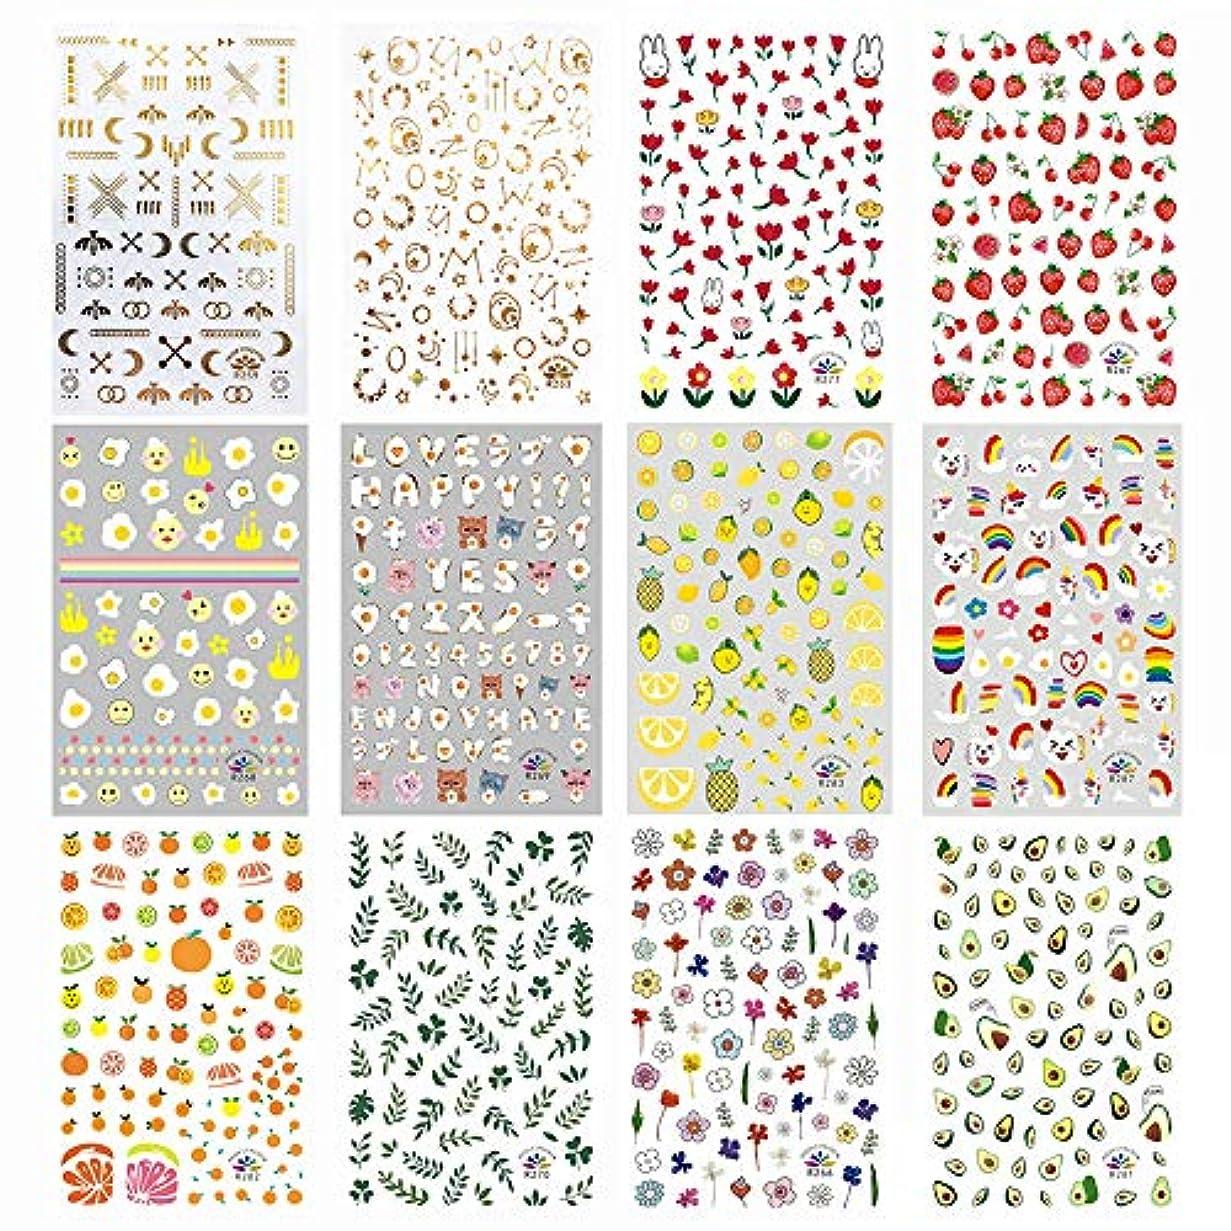 窒素平行小麦粉ネイルステッカー LATTCURE 12枚セット 極薄ネイルシール ネイルアート ネイルデコ ネイル用装飾 貼るだけ簡単 多様な絵柄 かわいい 人気